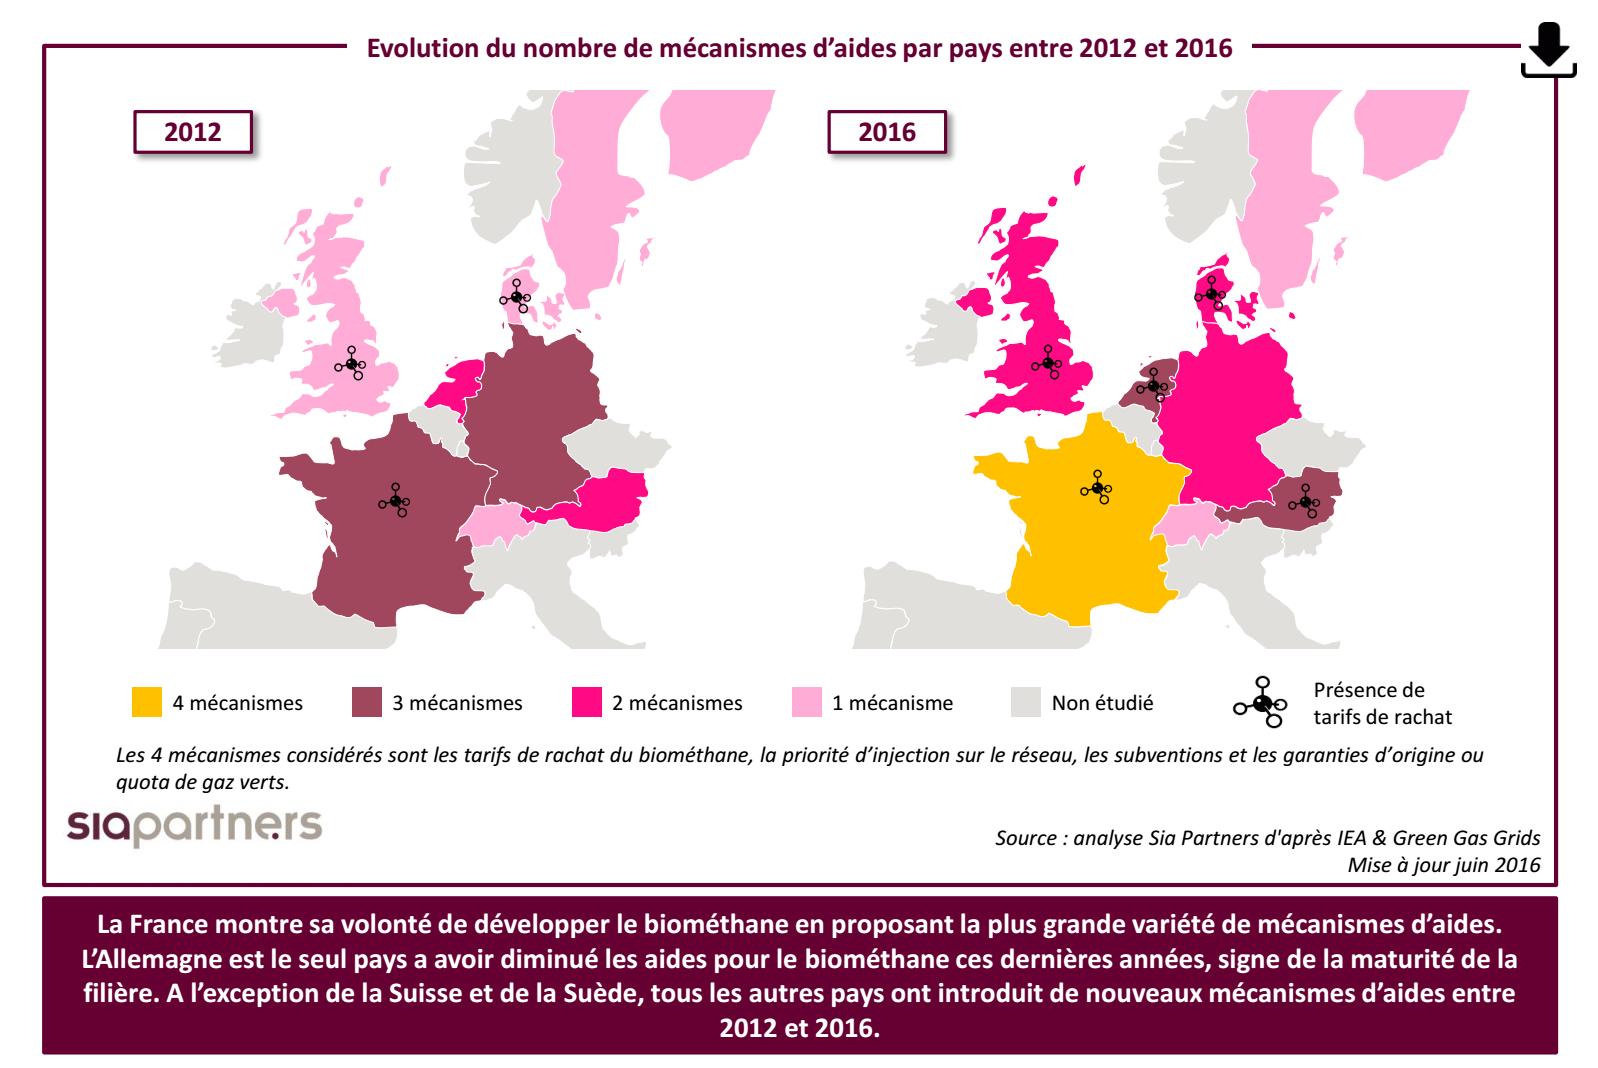 Evolution du nombre de mécanismes d'aides par pays entre 2012 et 2016